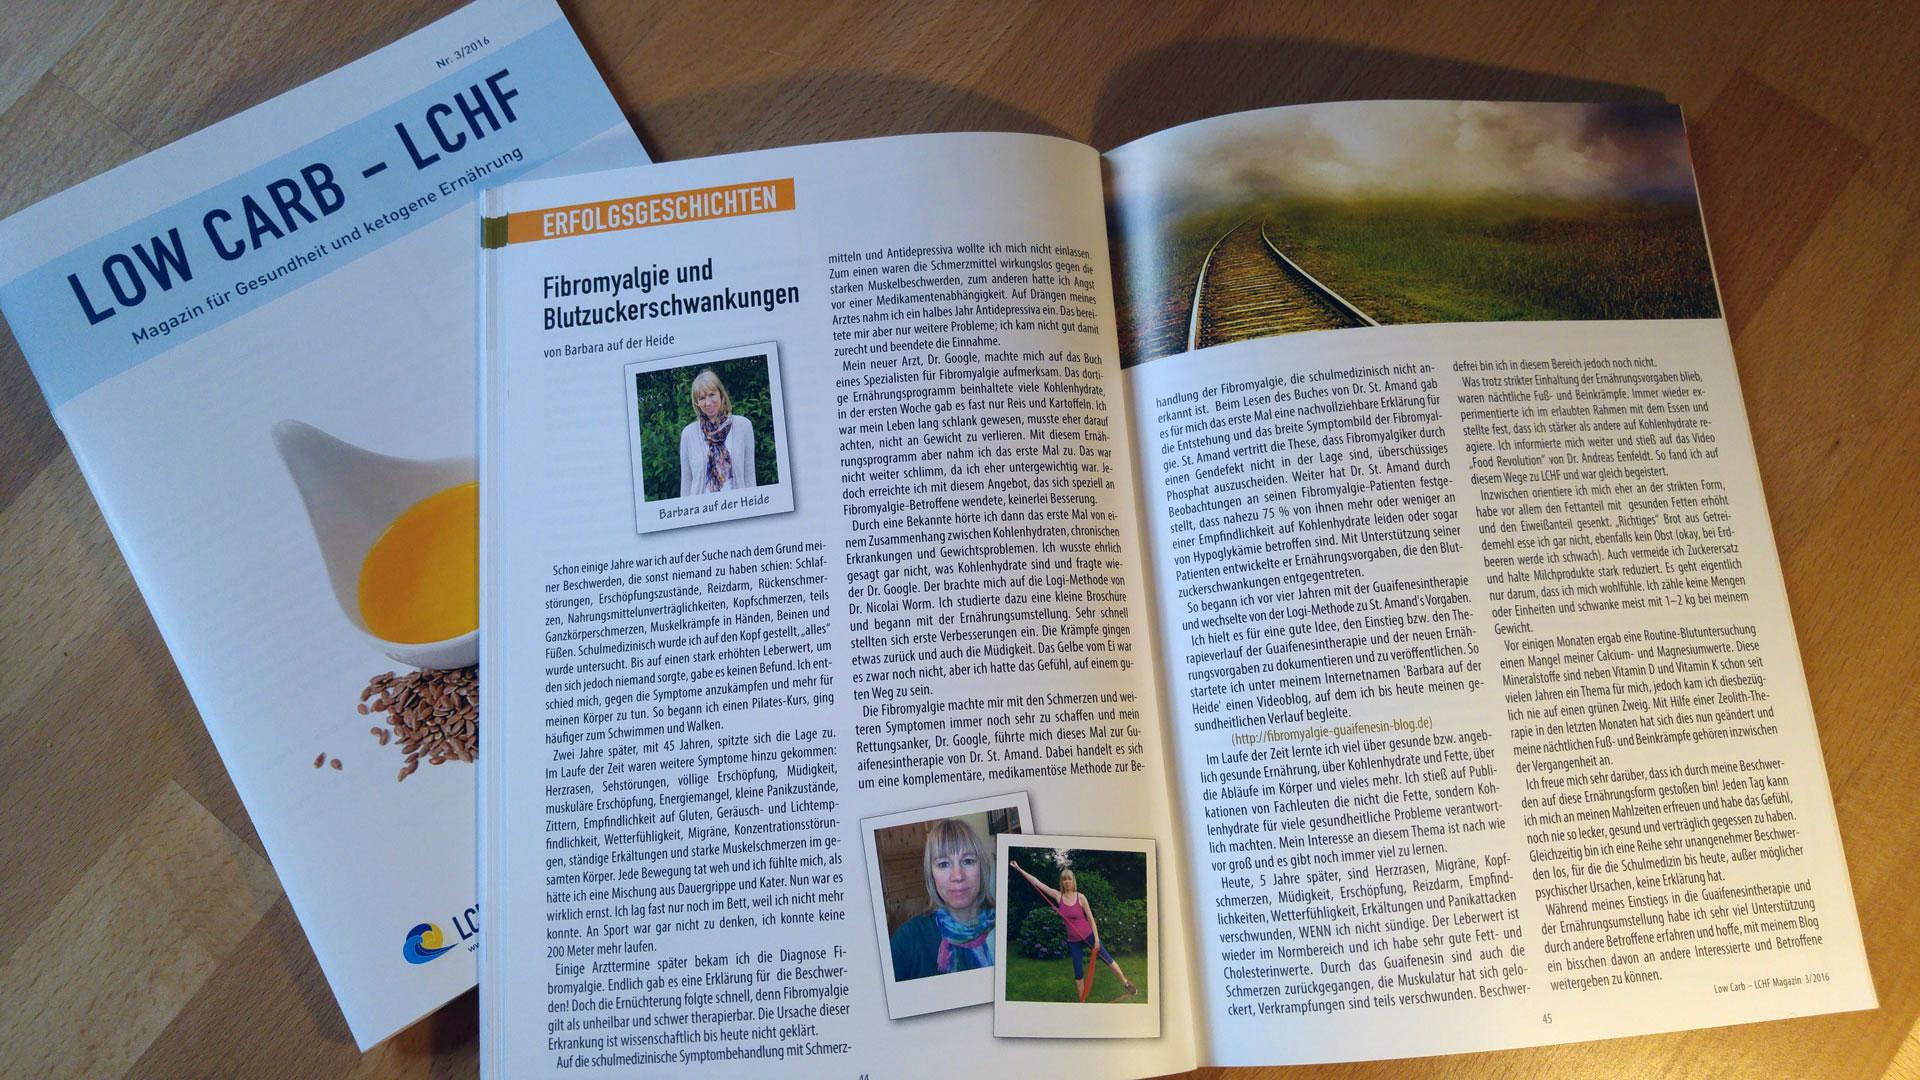 LCHF-Magazin zur gesunden, kohlenhydratarmen Ernährung